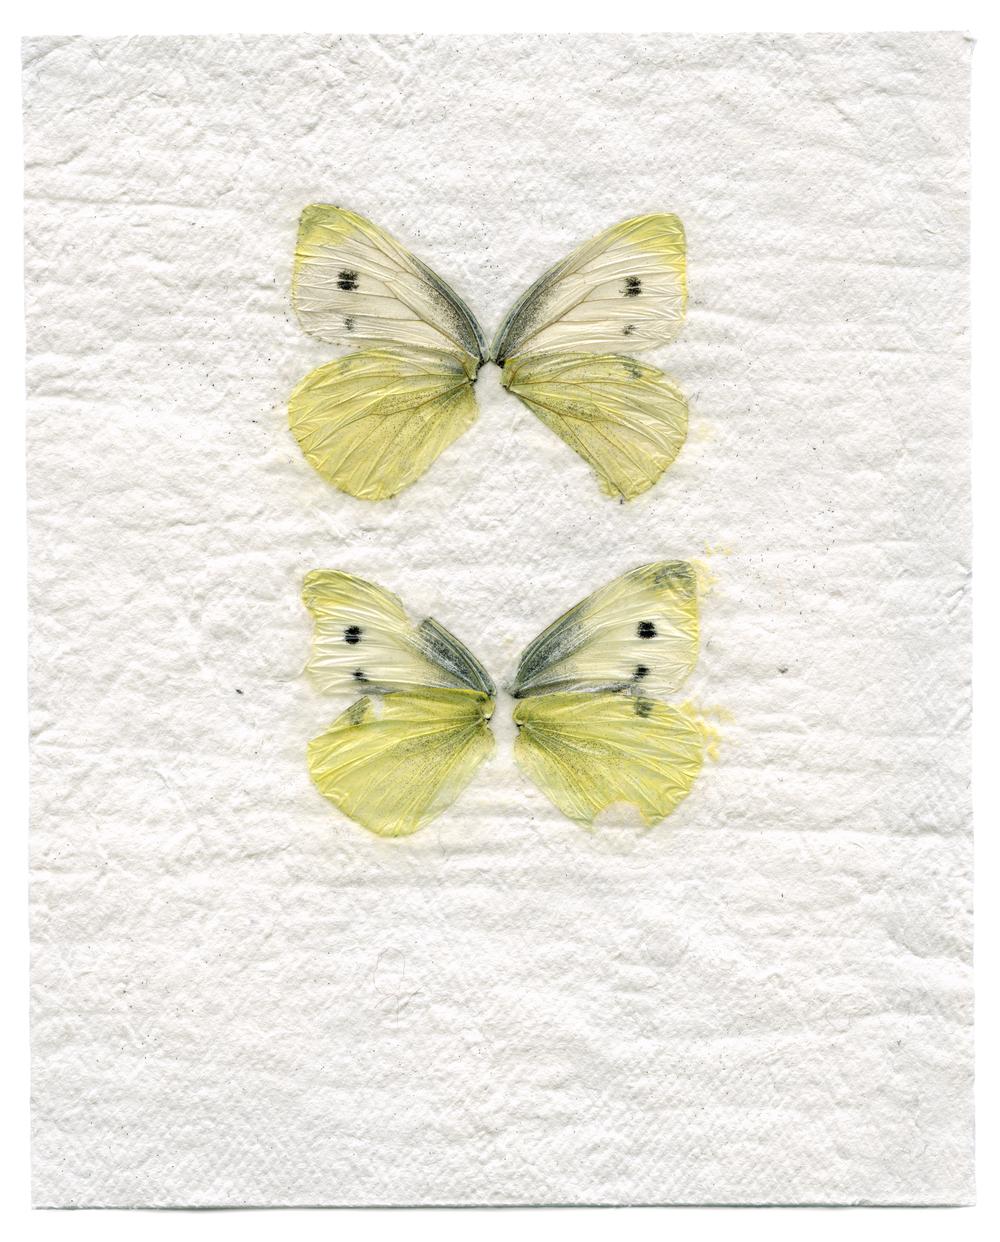 Brassica Butterflies (2014)